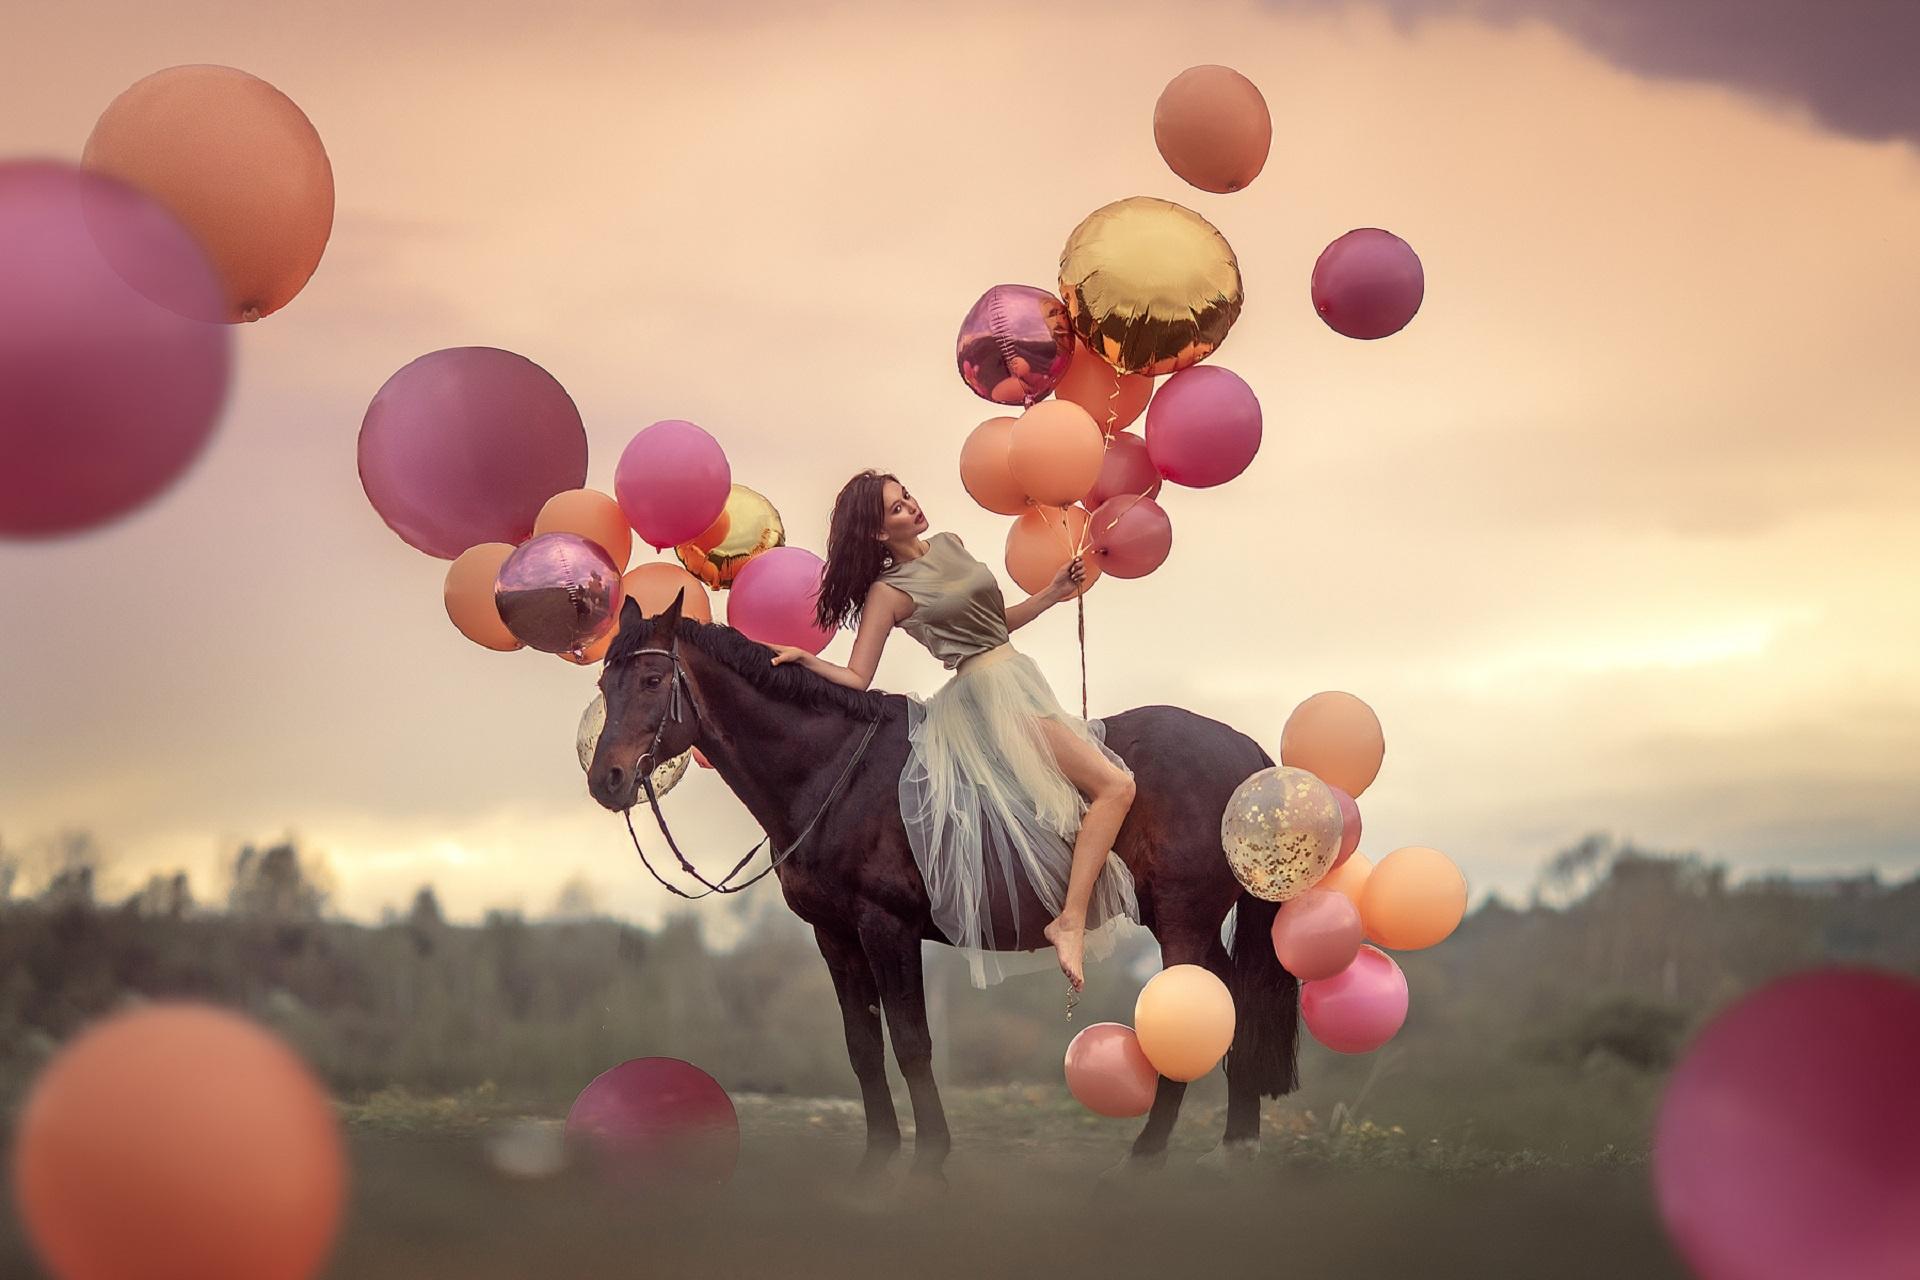 Картинки воздушные шары и девочка